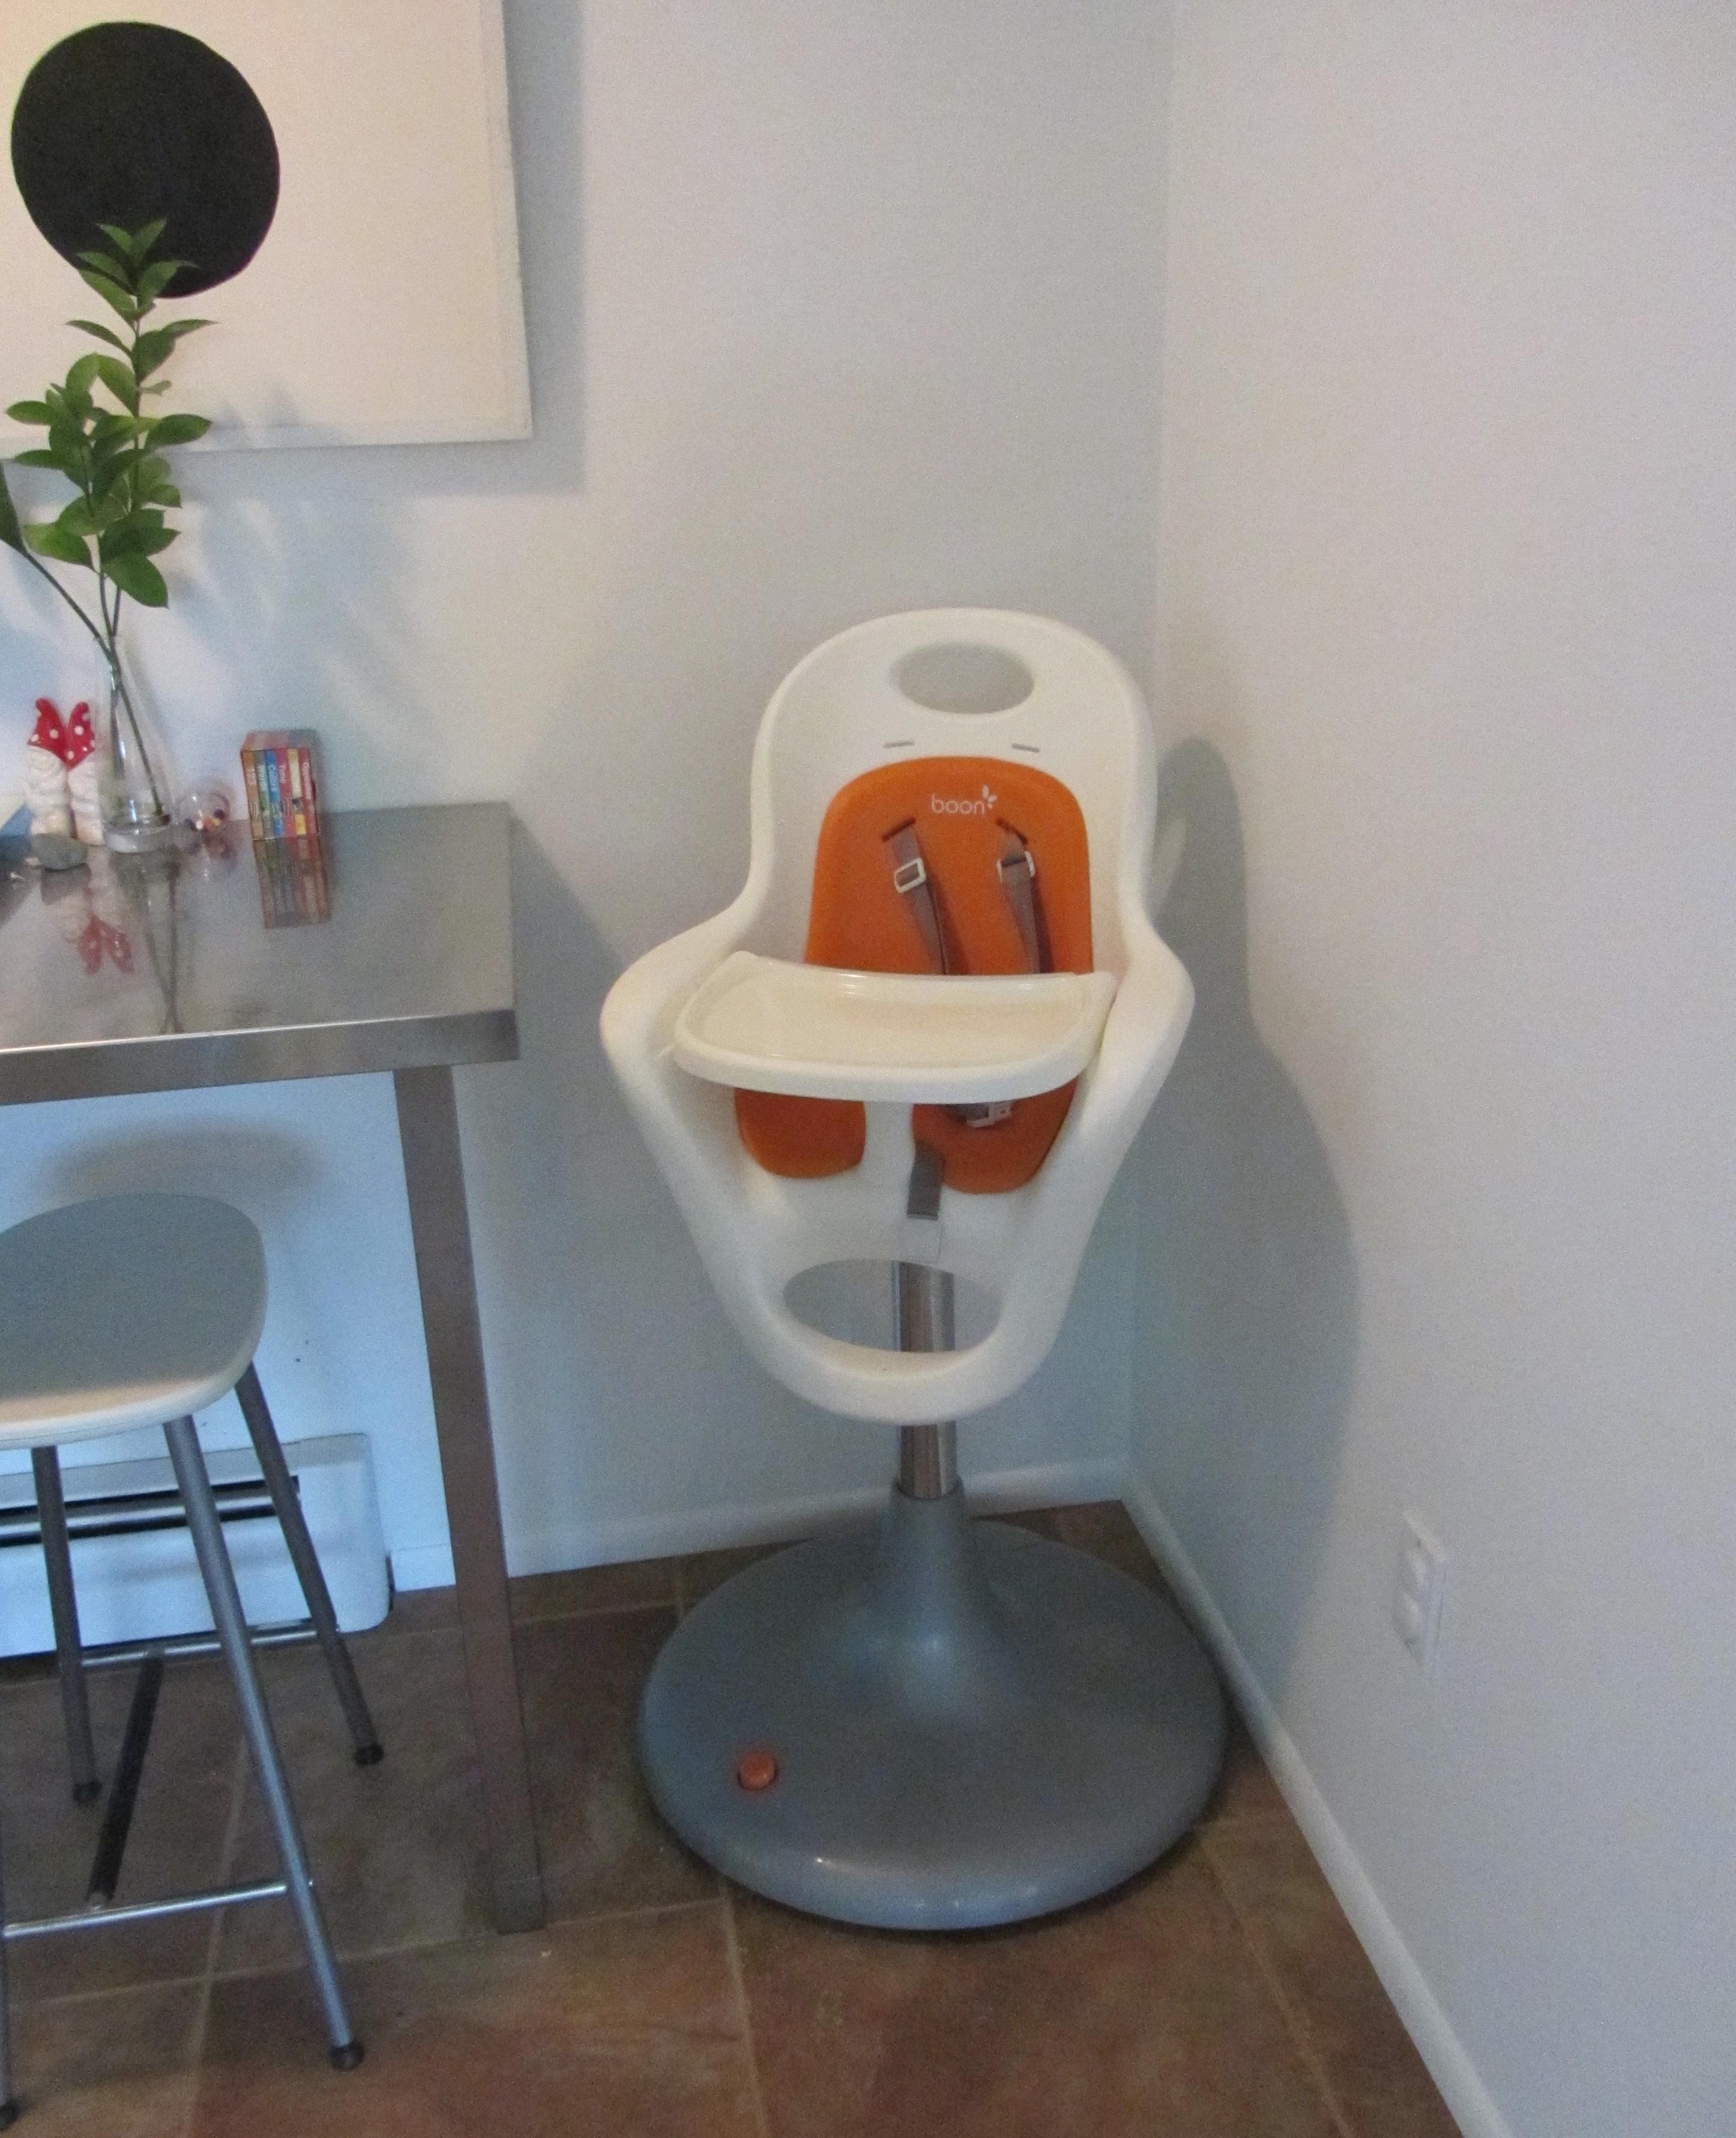 Boon flair pedestal high chair white orange walmart com - Boon Flair Pedestal Highchair With Pneumatic Lift Img4303